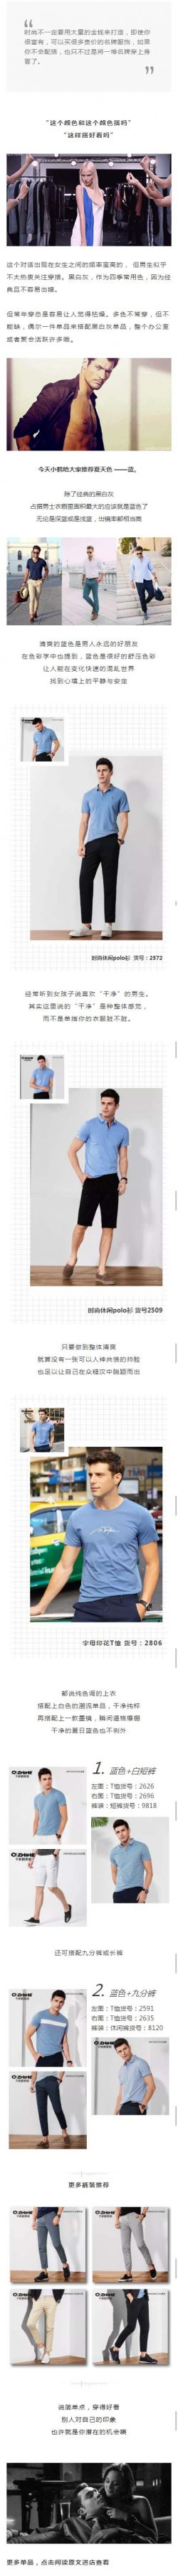 时尚名牌服饰产品推荐网店淘宝微商电商模板